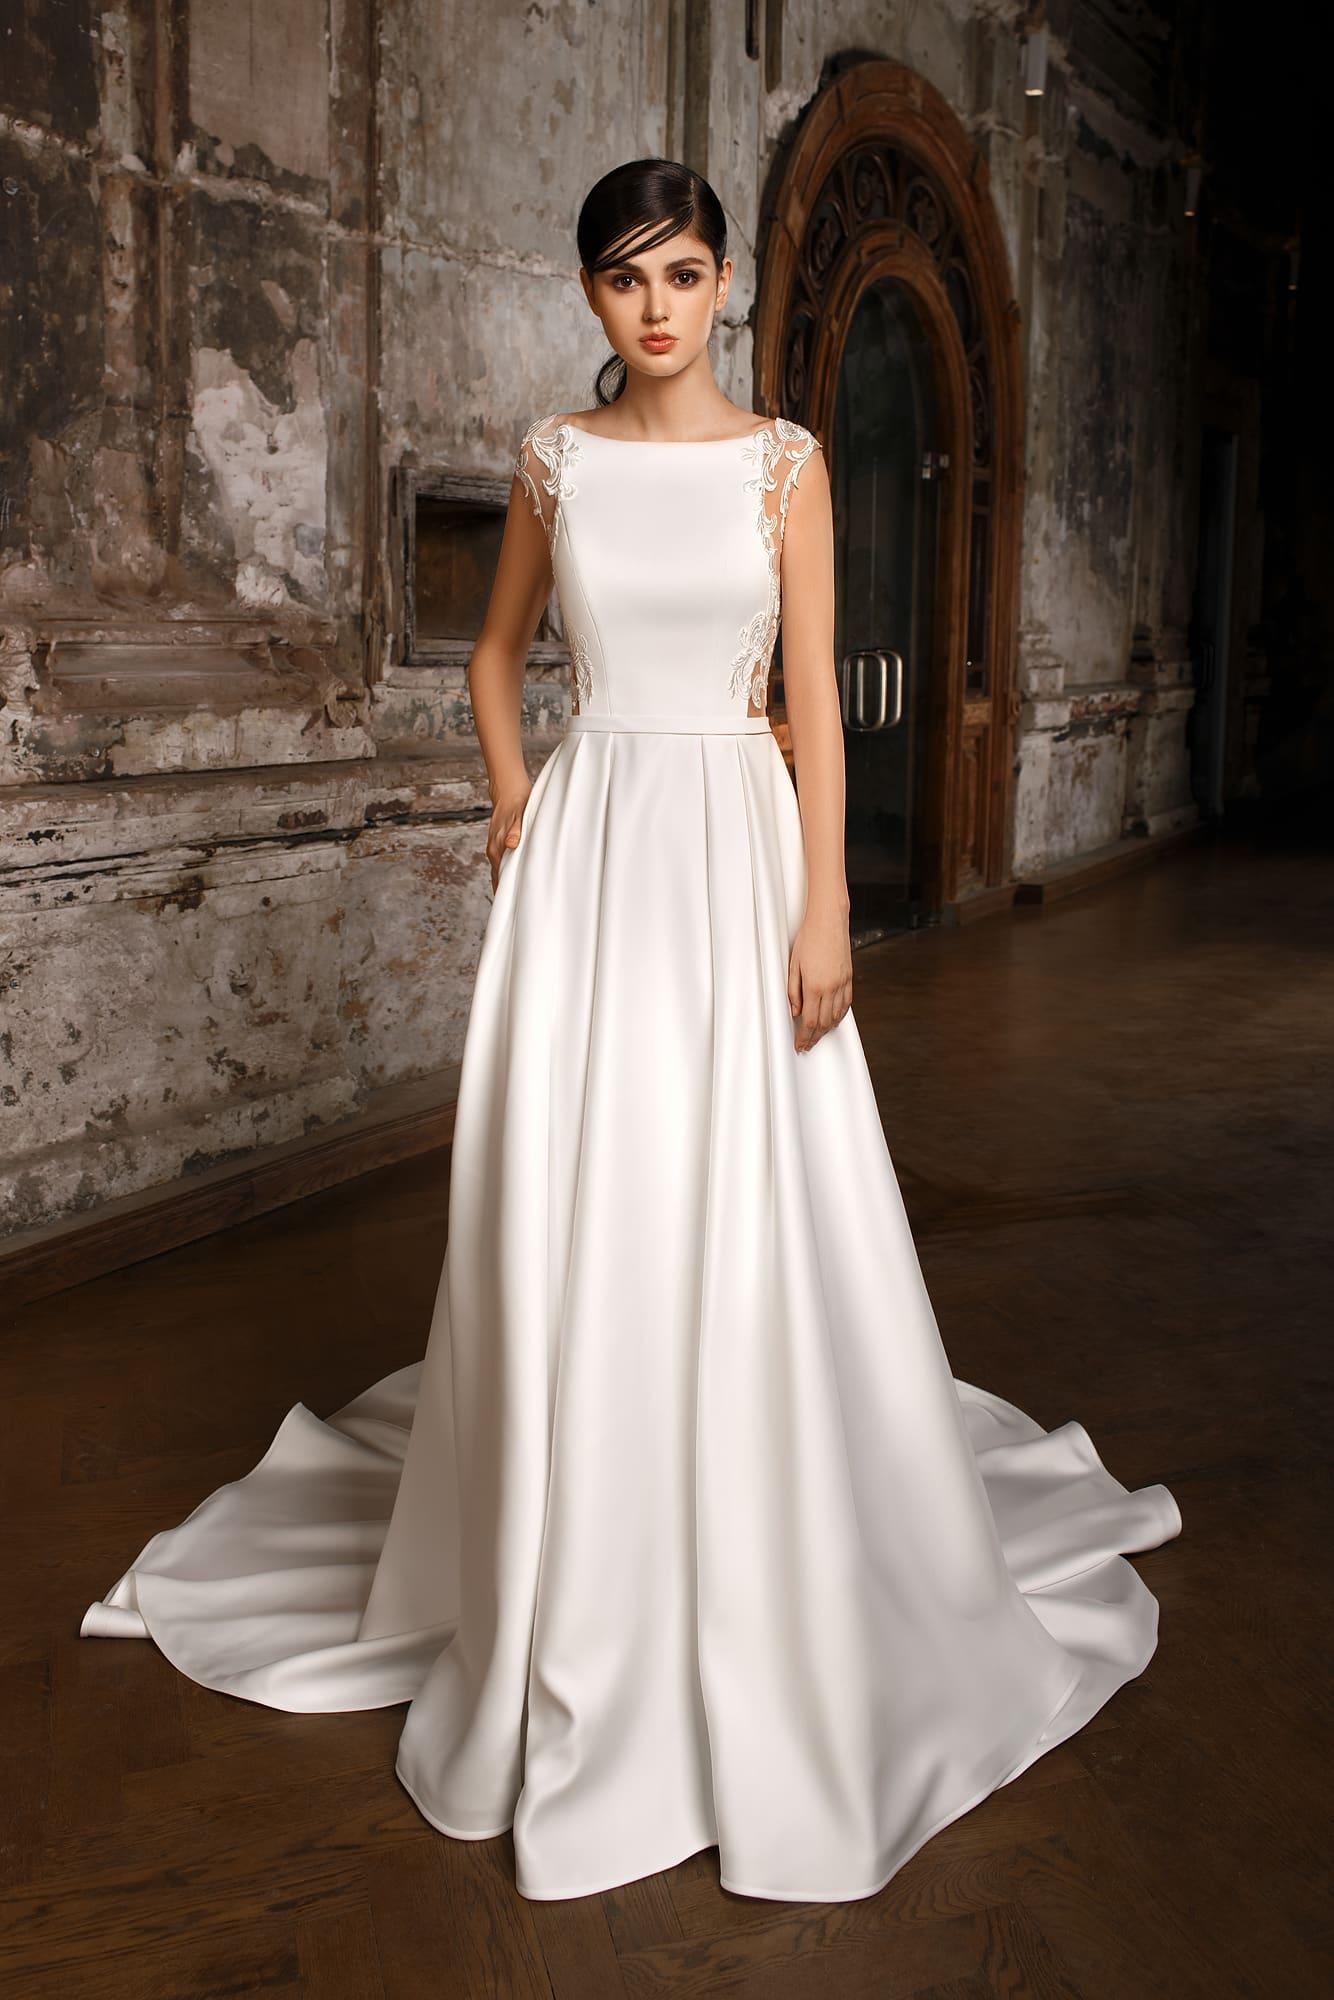 2c15673adca7253 Атласное свадебное платье с вырезом под горло, полупрозрачной спинкой и  длинным шлейфом.